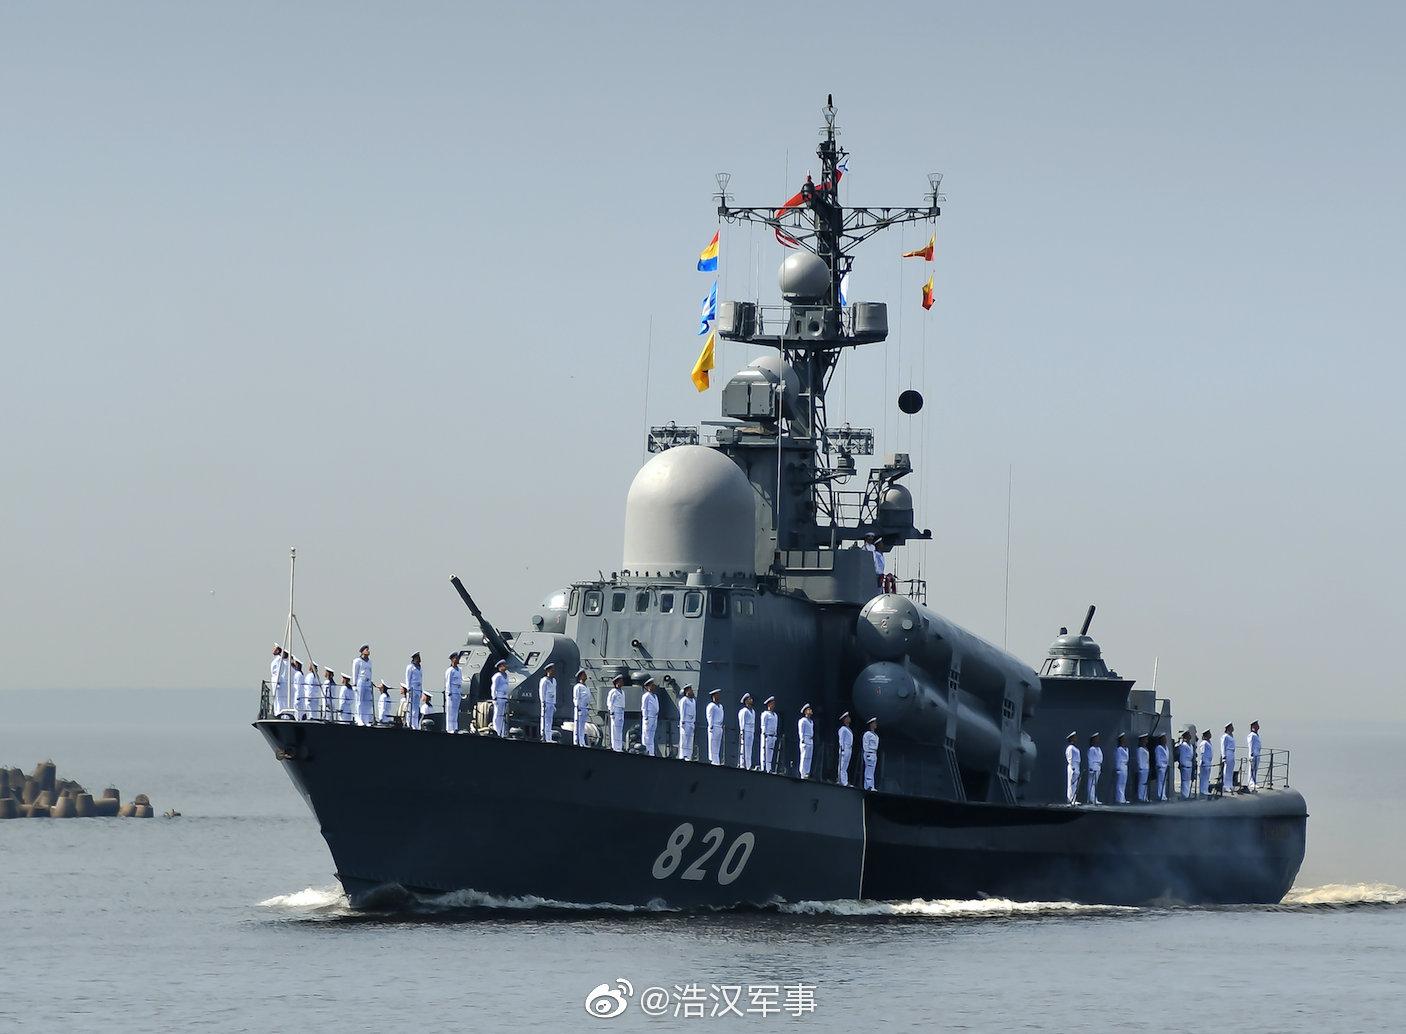 俄国海军在喀琅施塔得的阅舰式,是拍摄条件较好的国际舰队阅兵之一